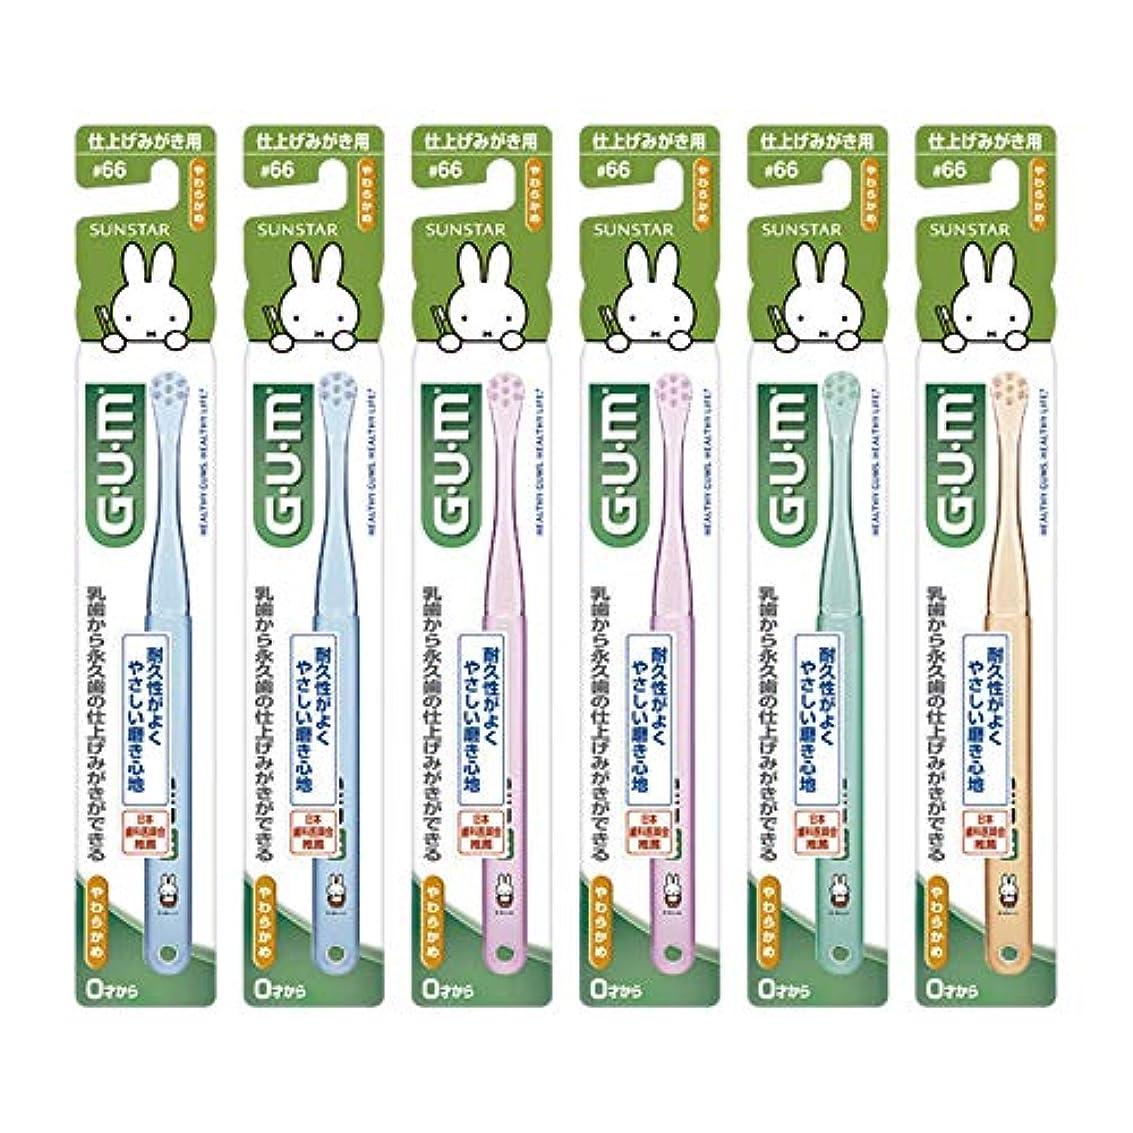 漏斗音楽家チチカカ湖GUM(ガム) デンタル こども 歯ブラシ #66 [仕上げみがき用/やわらかめ] 6本パック+ おまけつき【Amazon.co.jp限定】